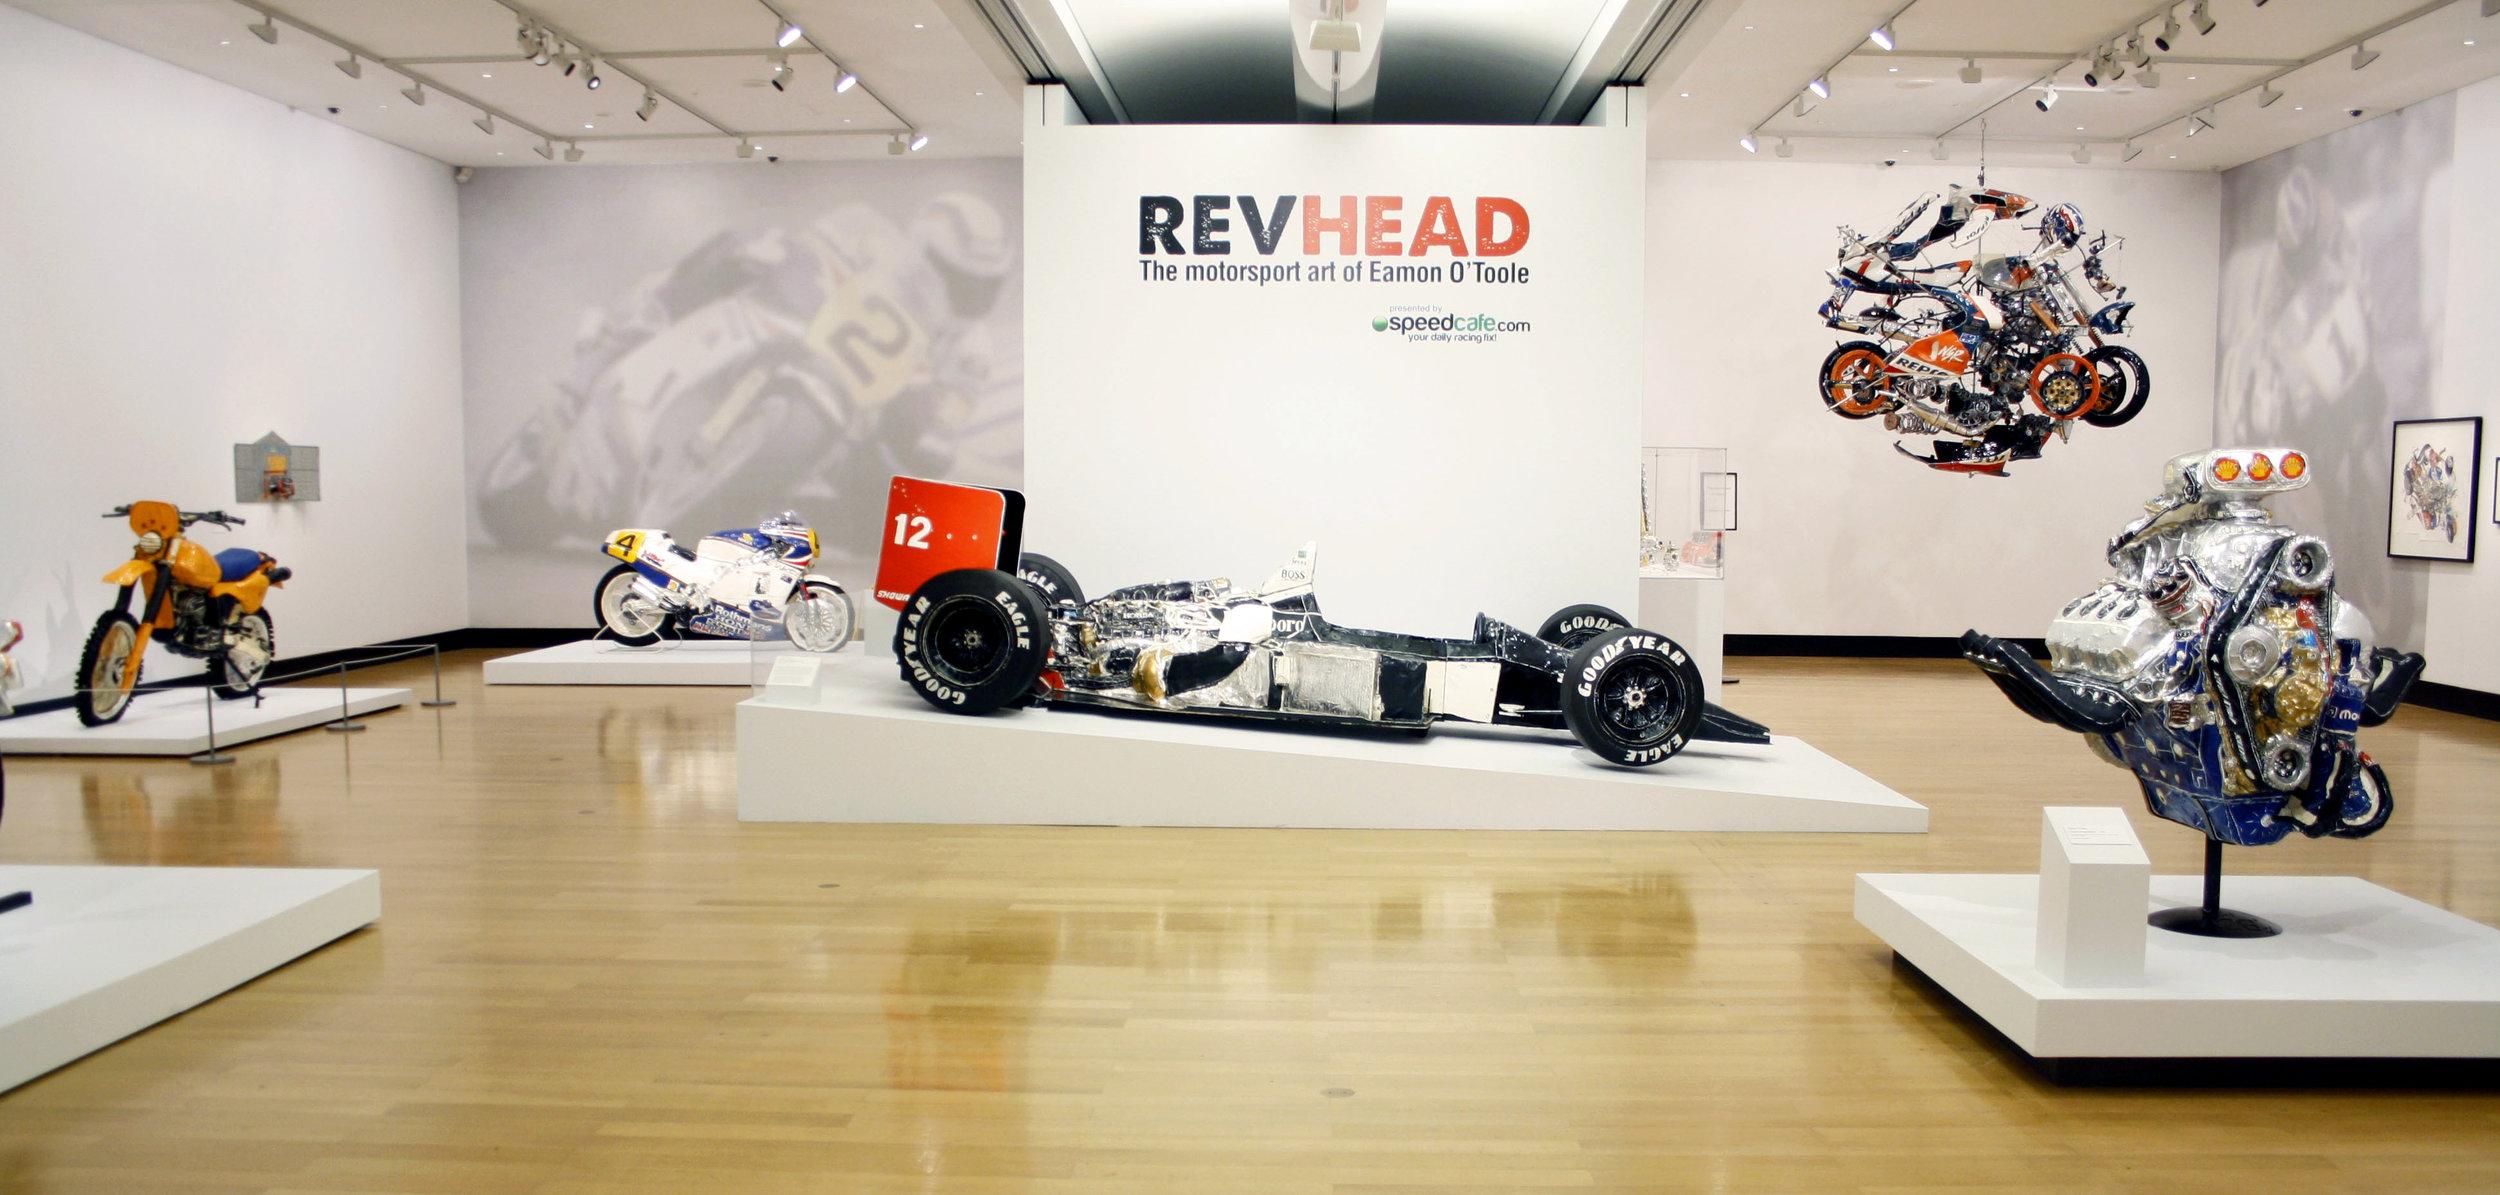 'Revhead: The motorsport art of Eamon O'Toole' Feb. - May 2012